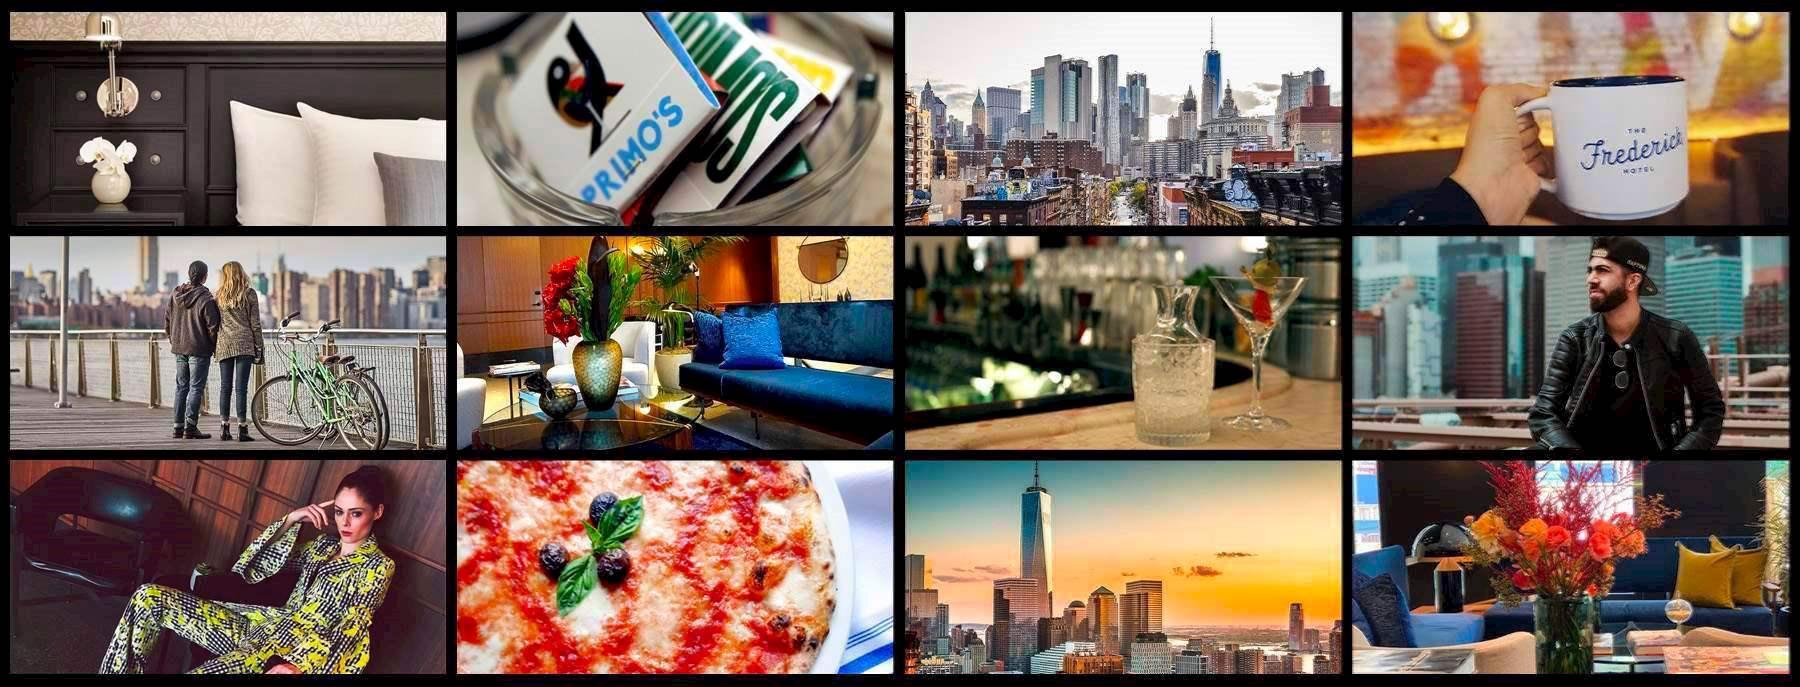 Frederickhotel Newyork